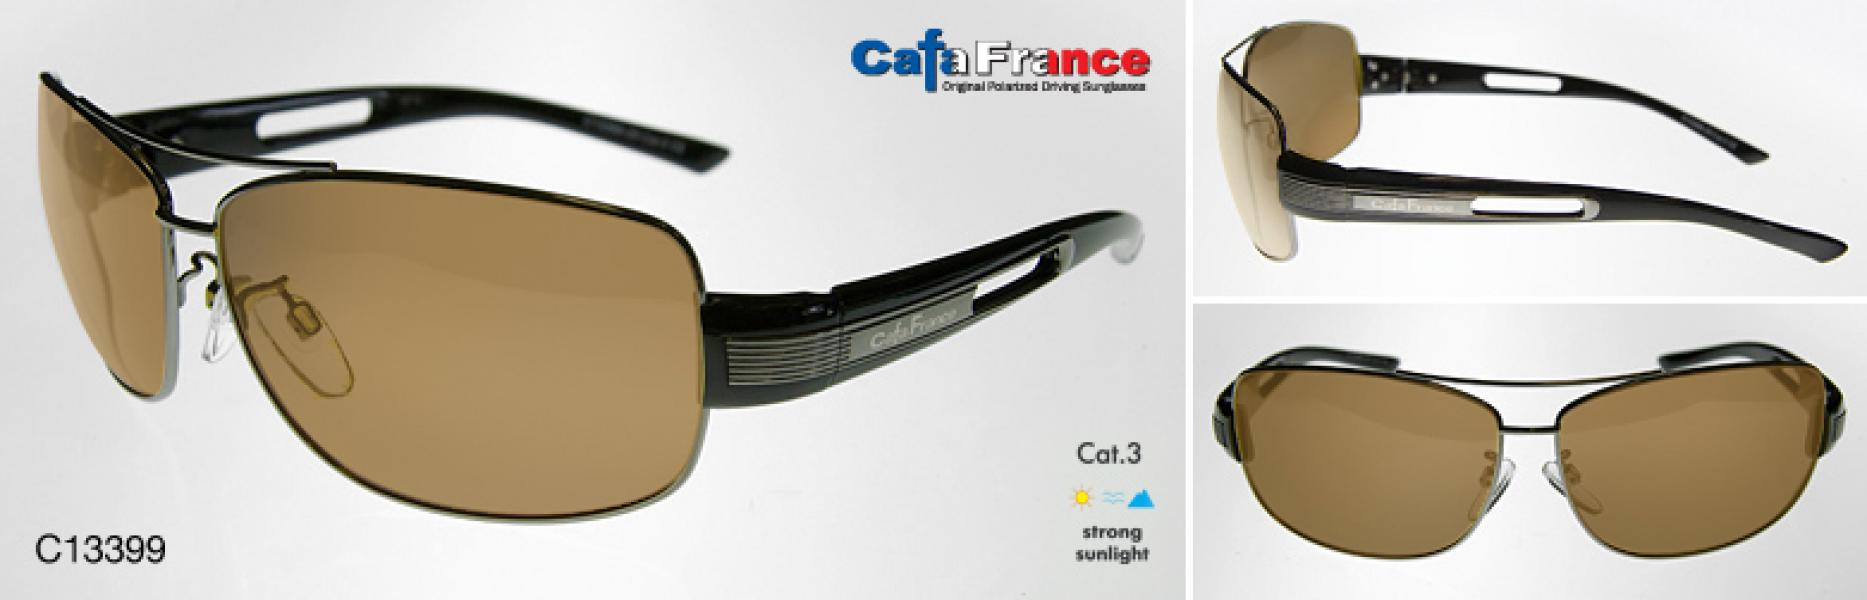 Очки поляризационные мужские Cafa France c13399